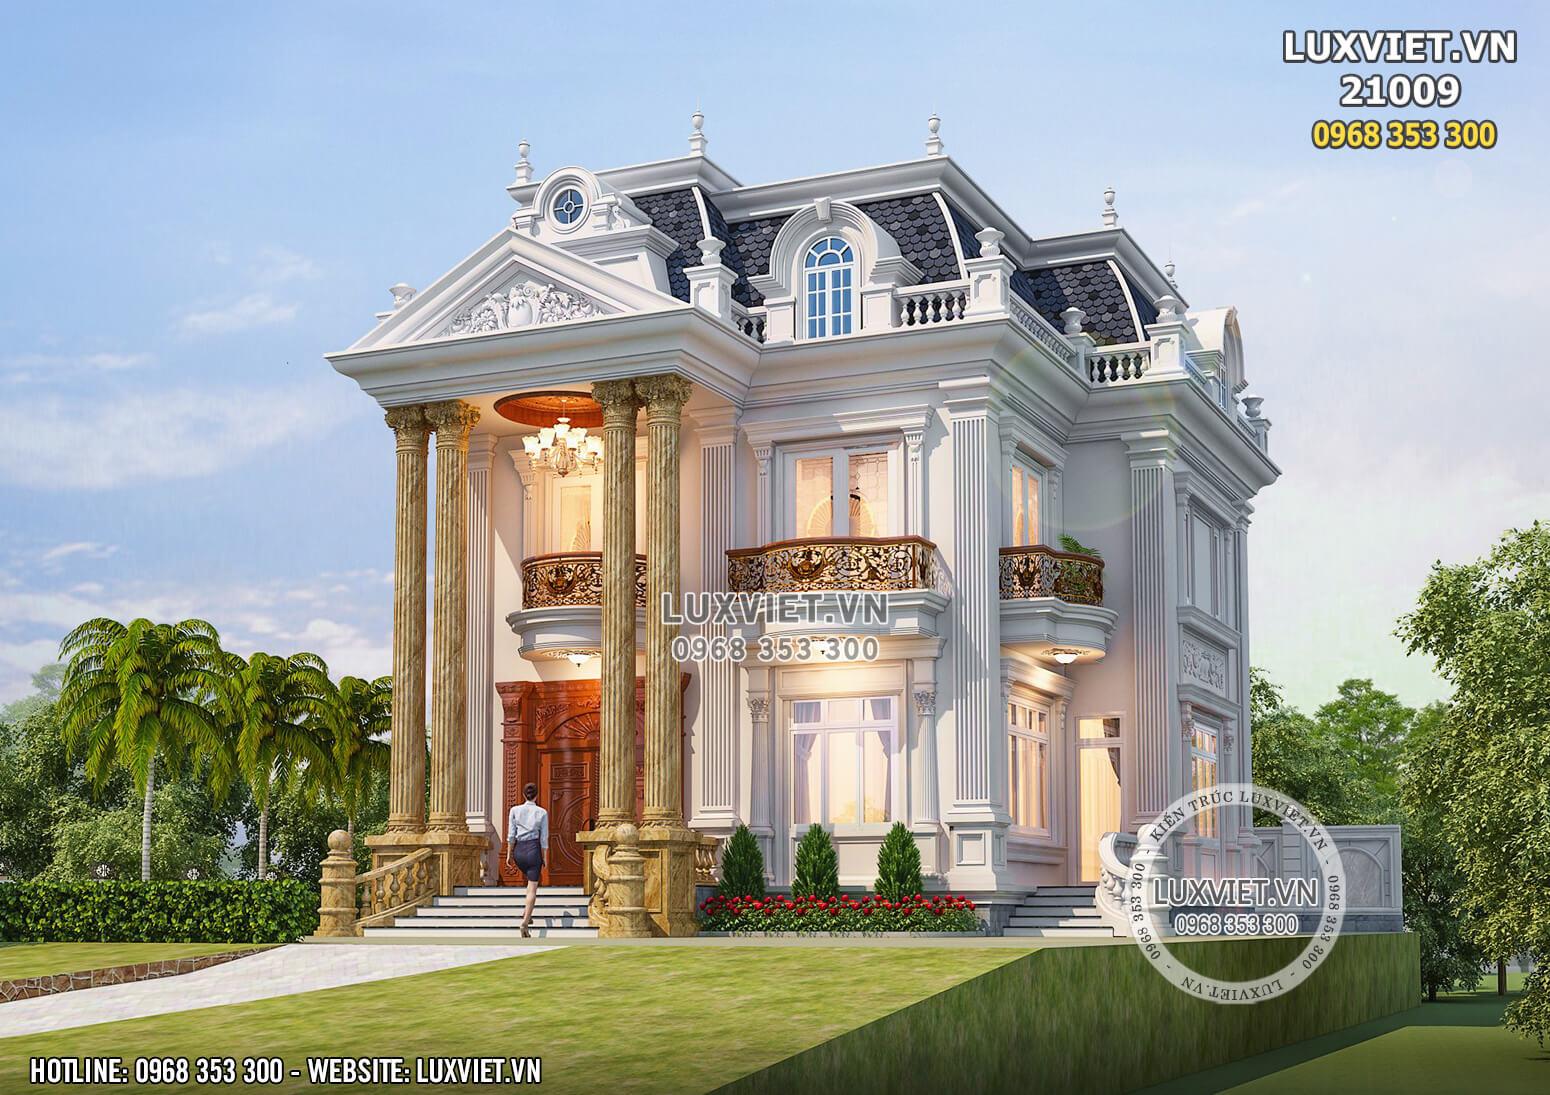 Hình ảnh: Biệt thự 2 tầng 1 tum đẹp nhất Vịnh Bắc Bộ - LV 21009